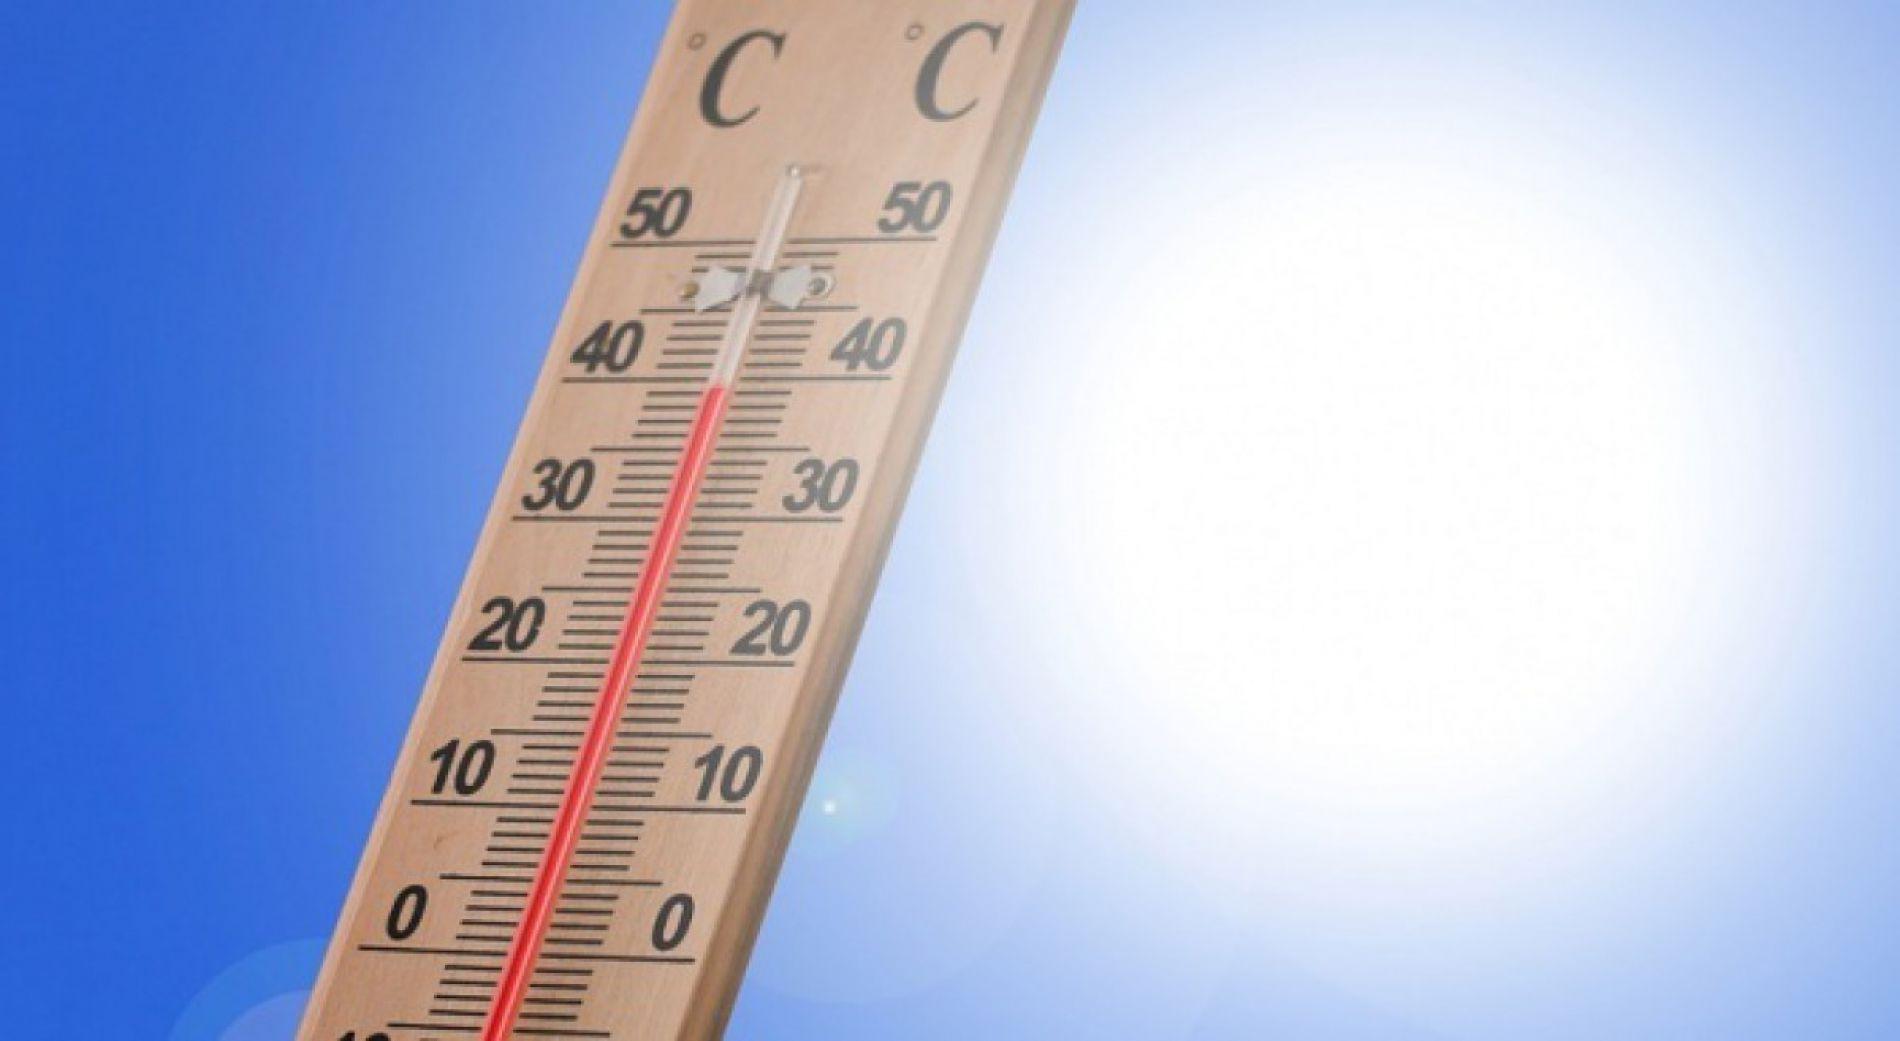 Обьявлен желтый код из-за высоких температур для 19 регионов страны Болгарии